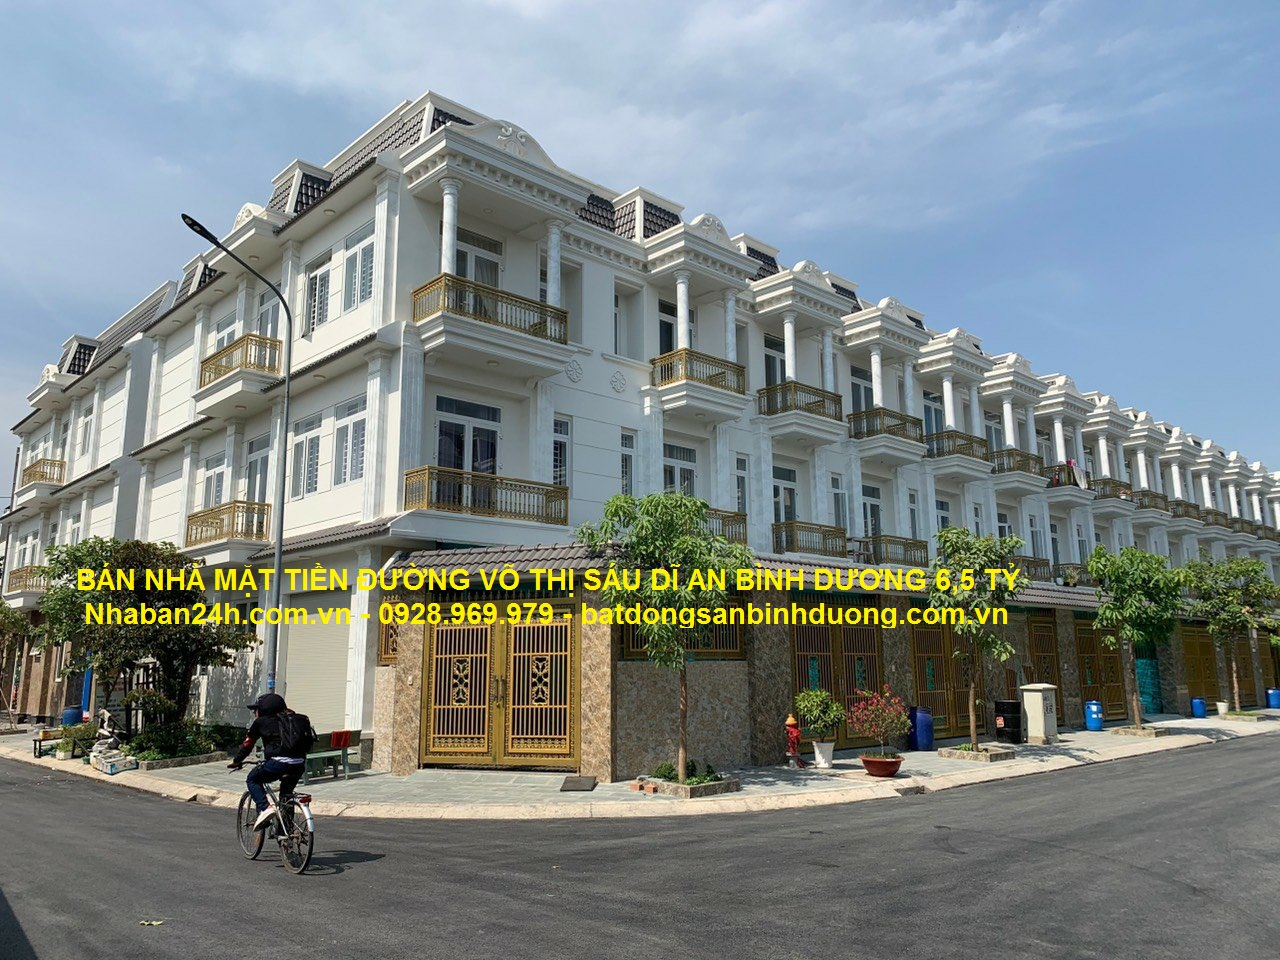 Bán nhà mặt tiền đường Võ Thị Sáu Dĩ An Bình Dương 4x20m _ 6,5 tỷ